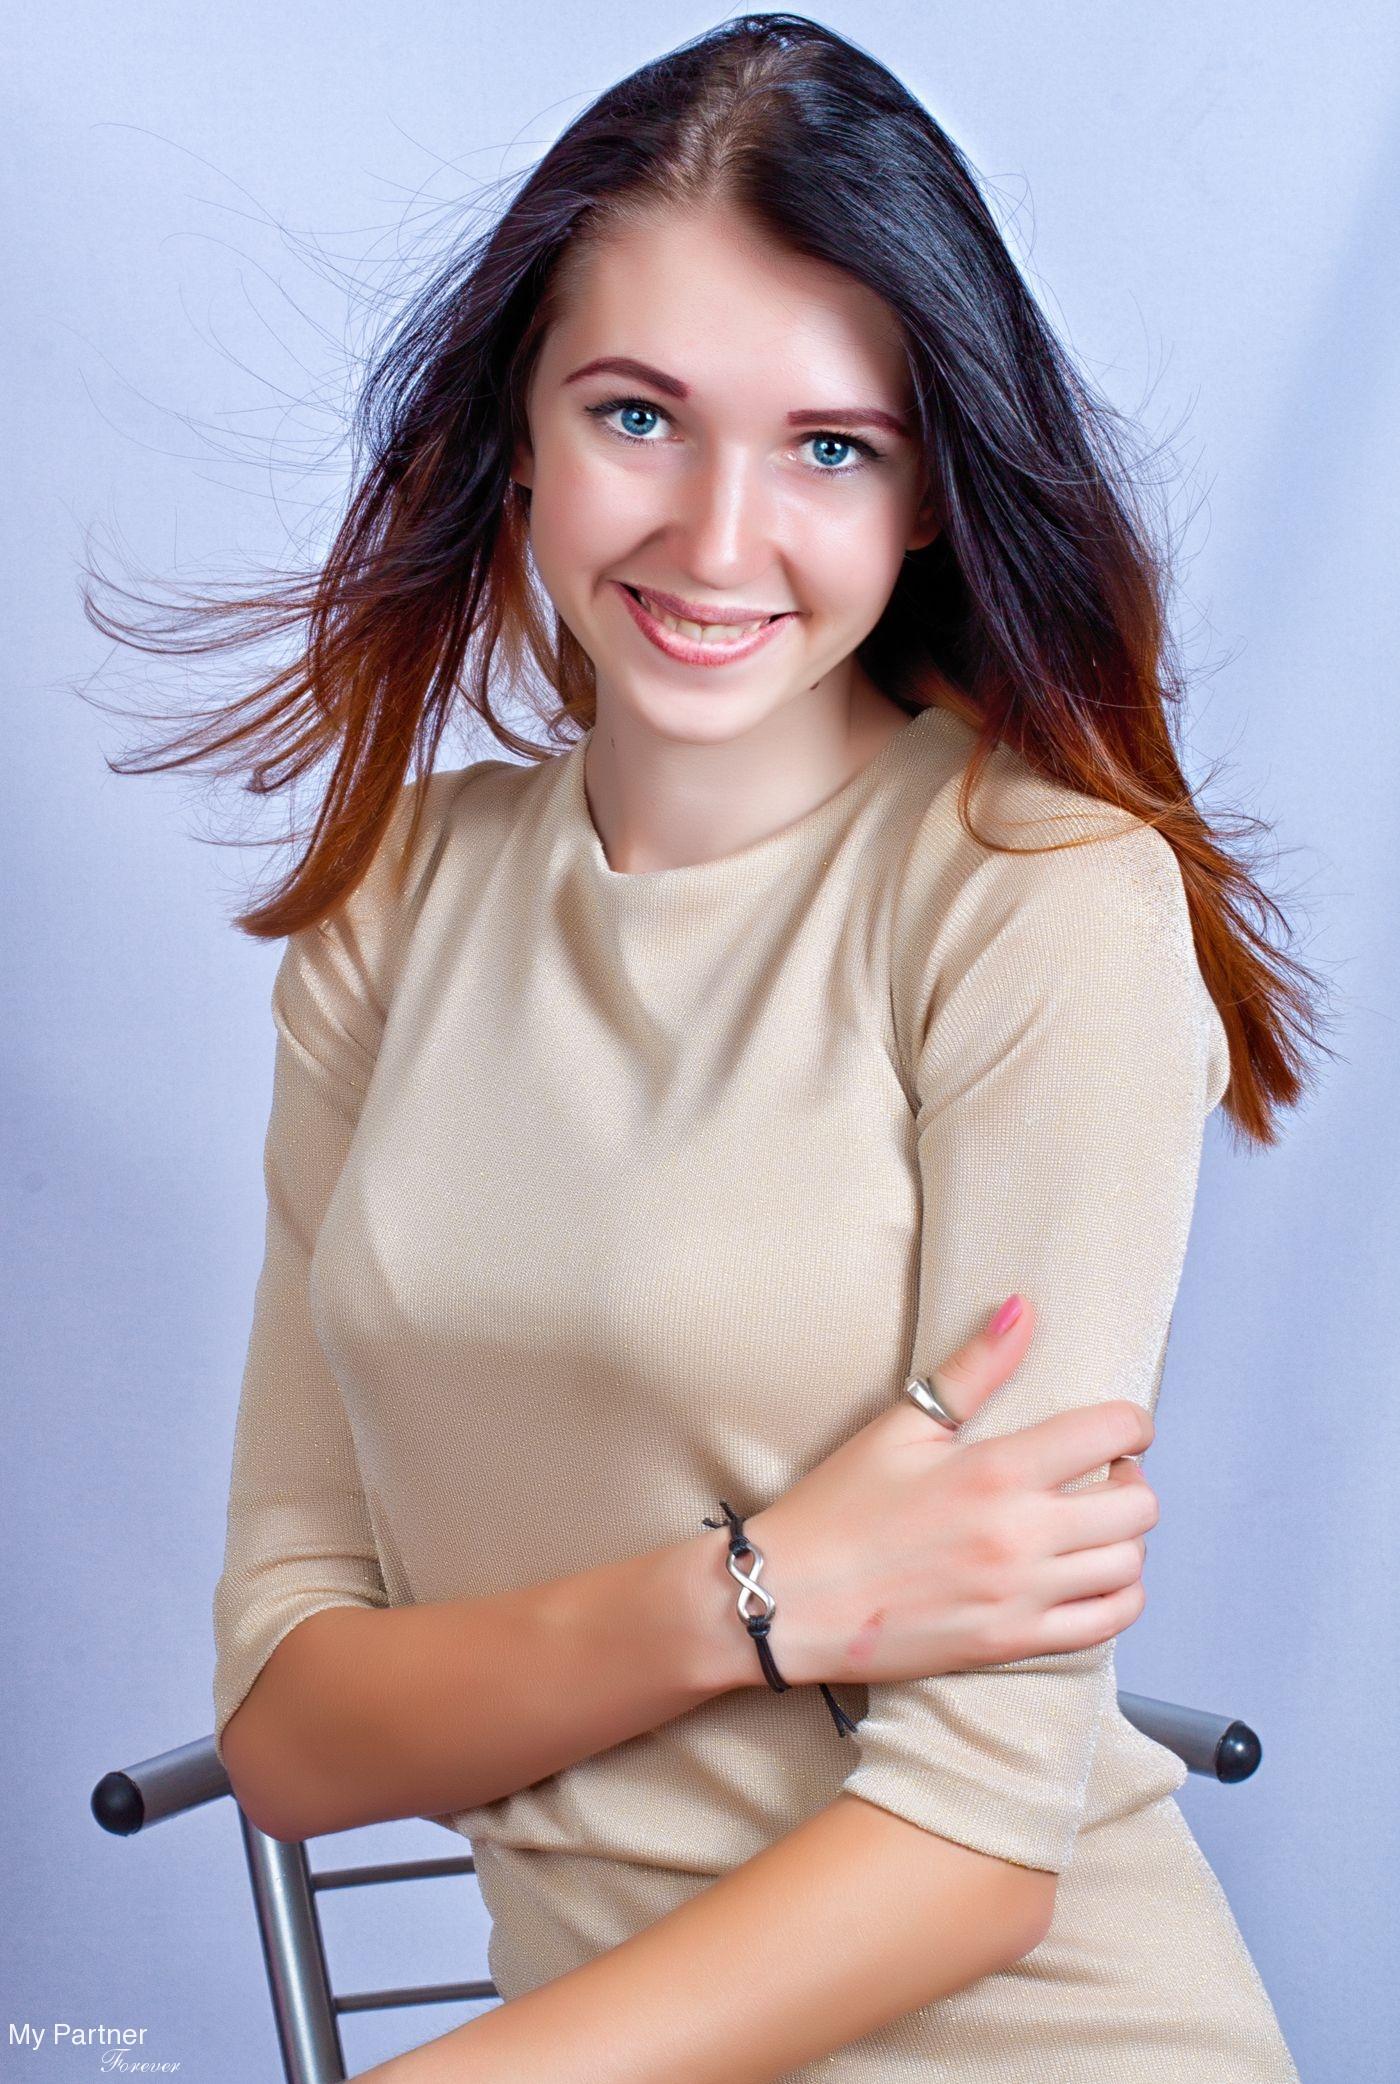 Femmes uameeting com russe